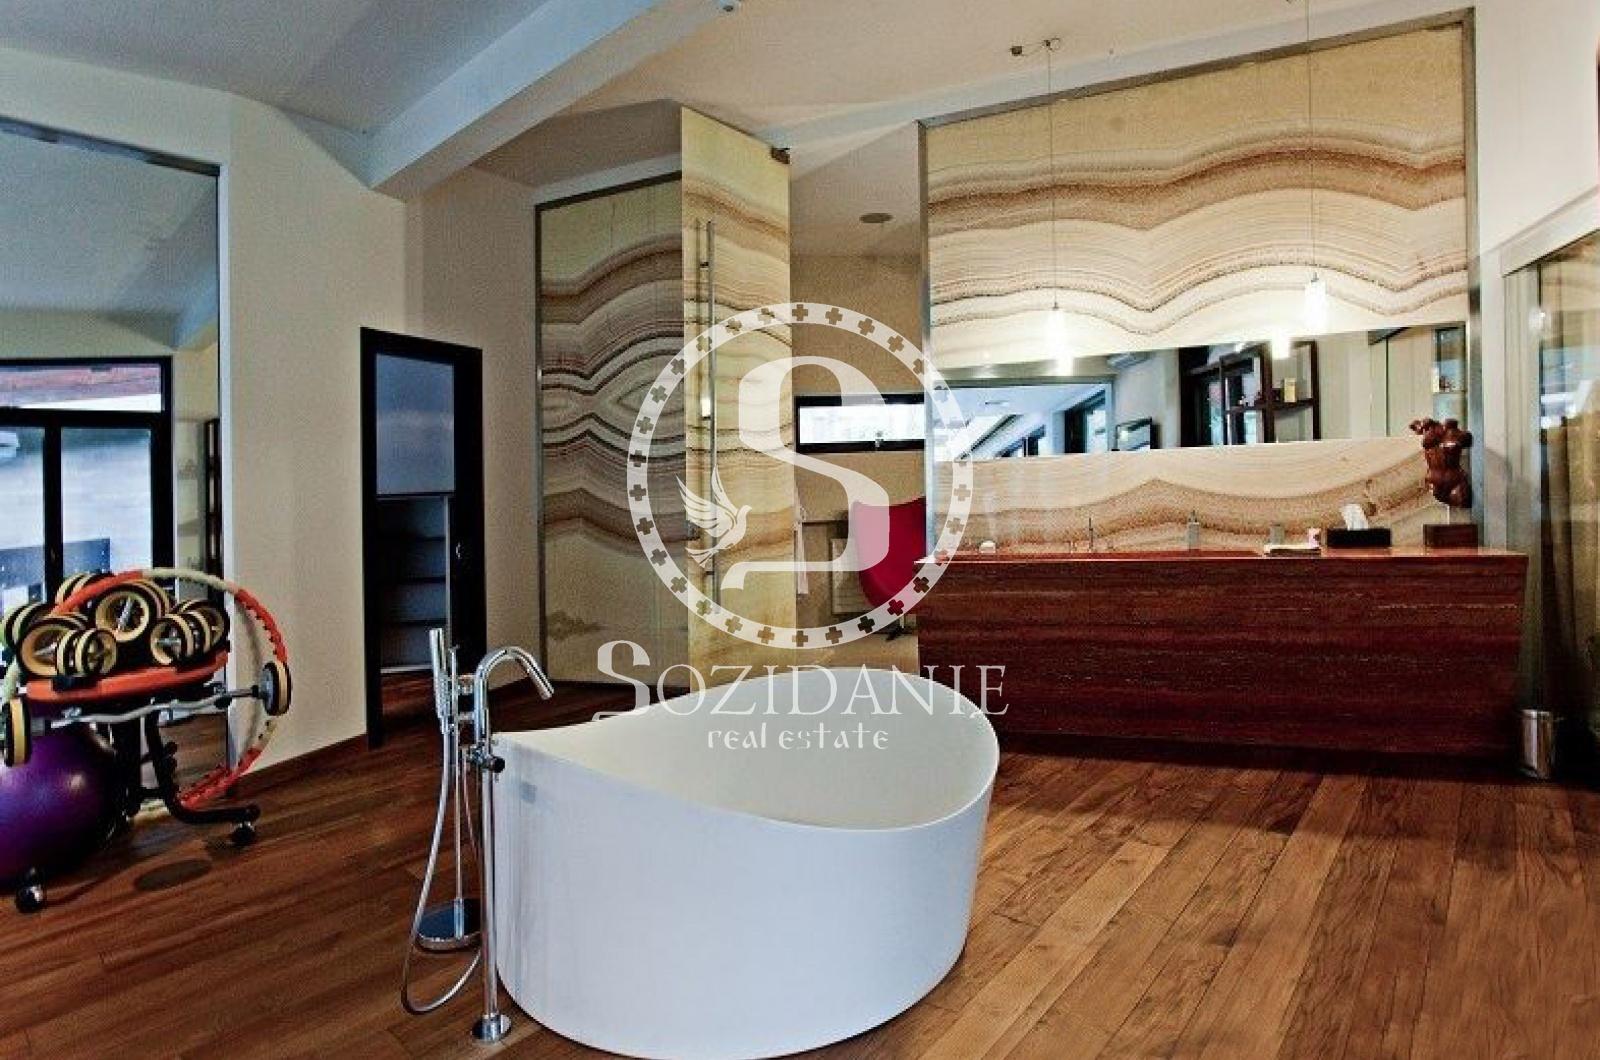 4 Bedrooms, Загородная, Аренда, Listing ID 2133, Московская область, Россия,